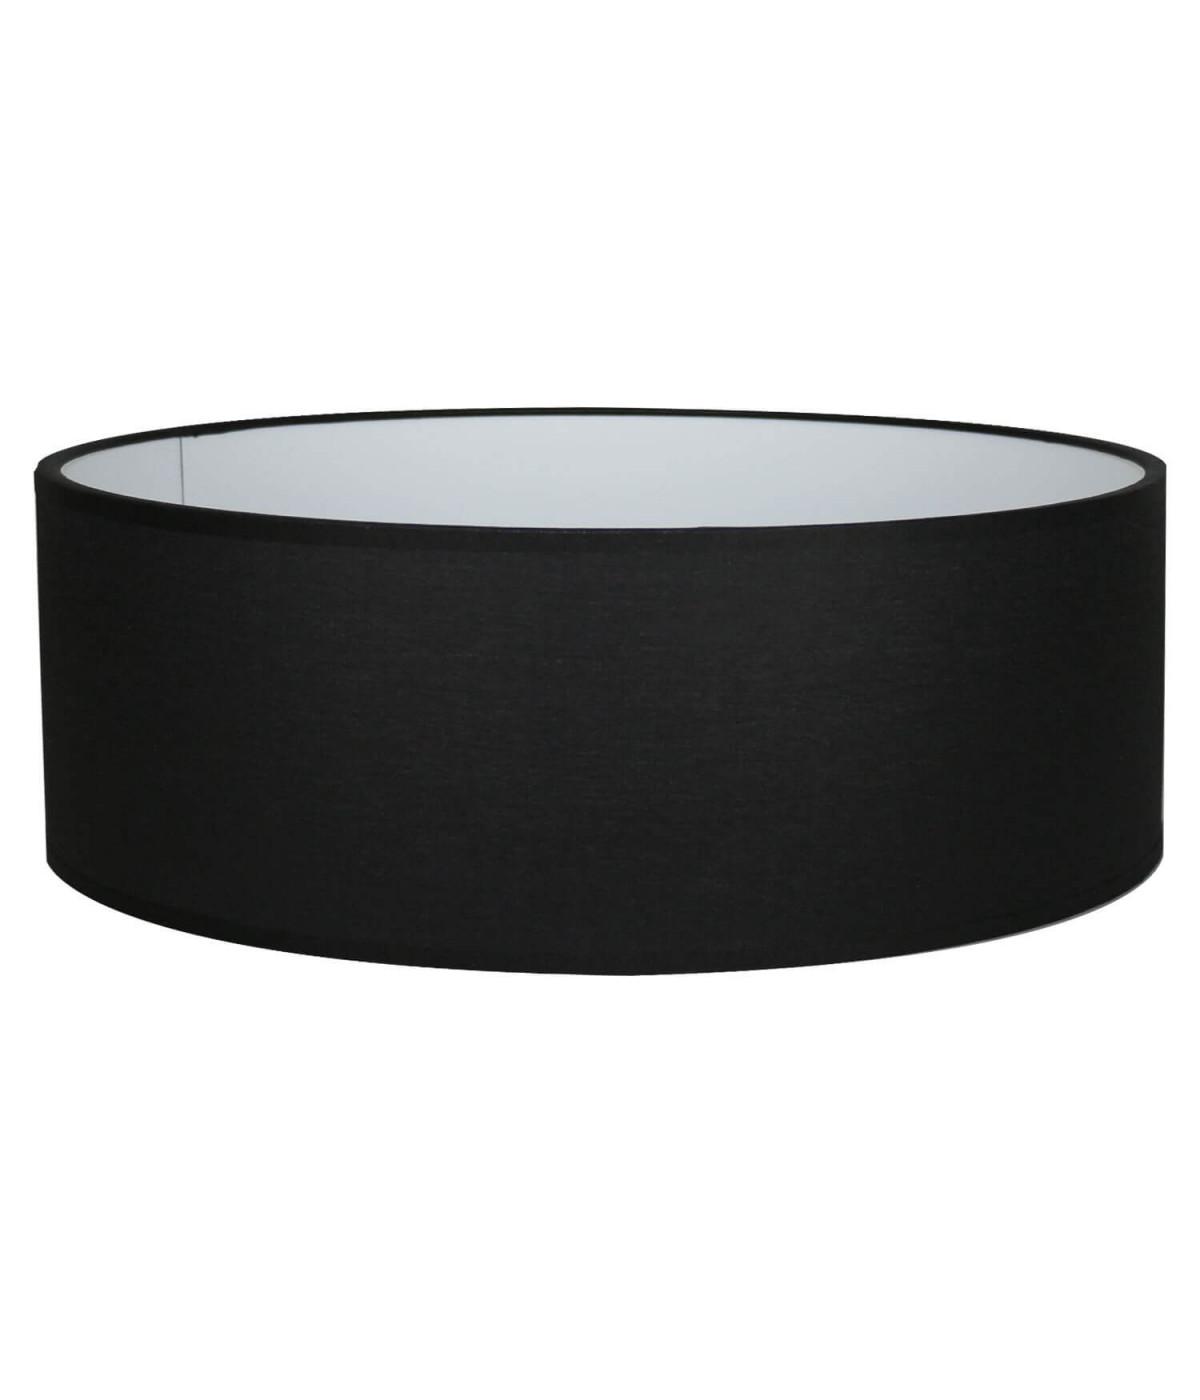 Abat-jour Oval Noir